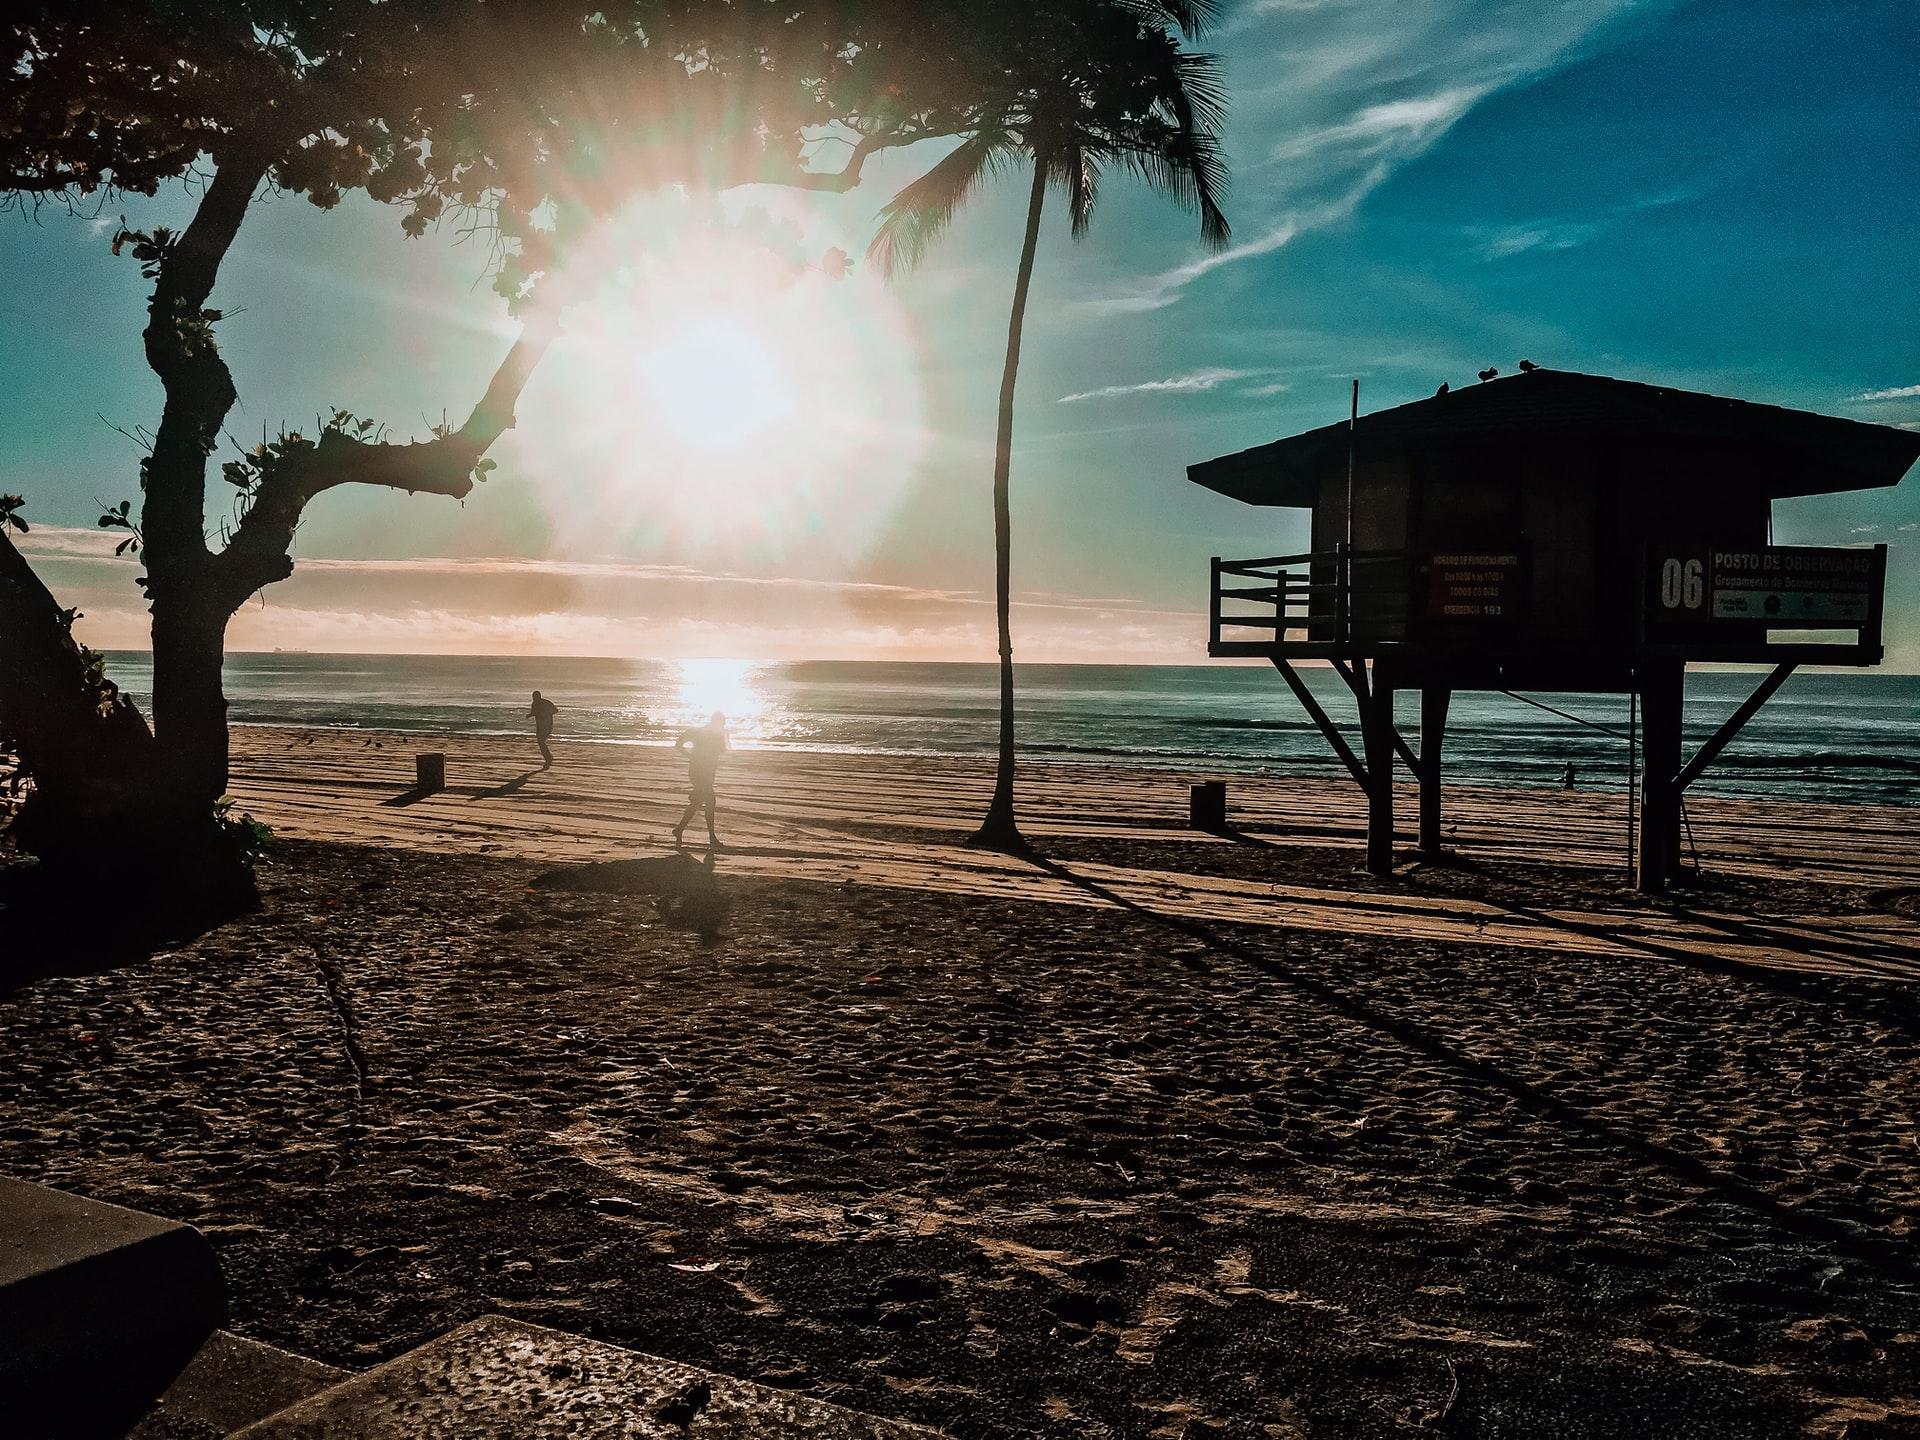 Amanhecer na praia de Boa Viagem, em Recife. Duas pessoas se exercitando na orla, um quiosque à direita e uma árvore à esquerda.